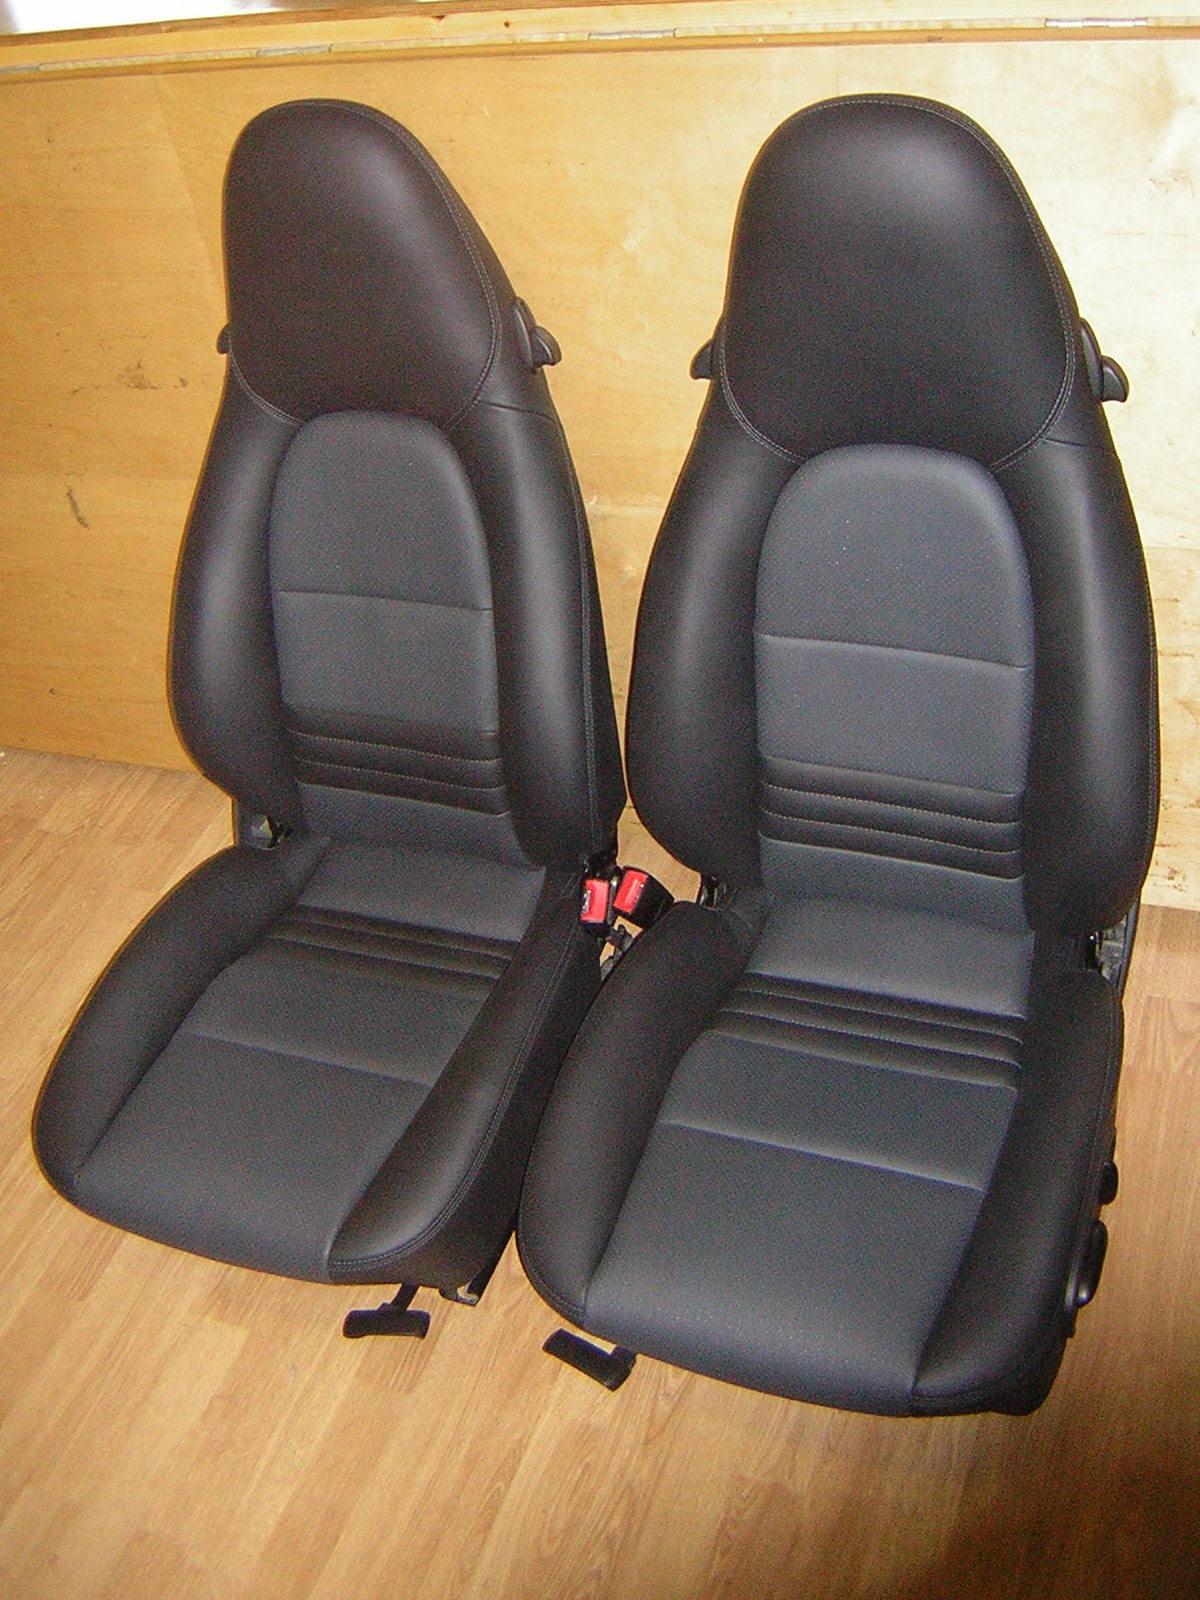 Autositze leder neu beziehen lassen kosten